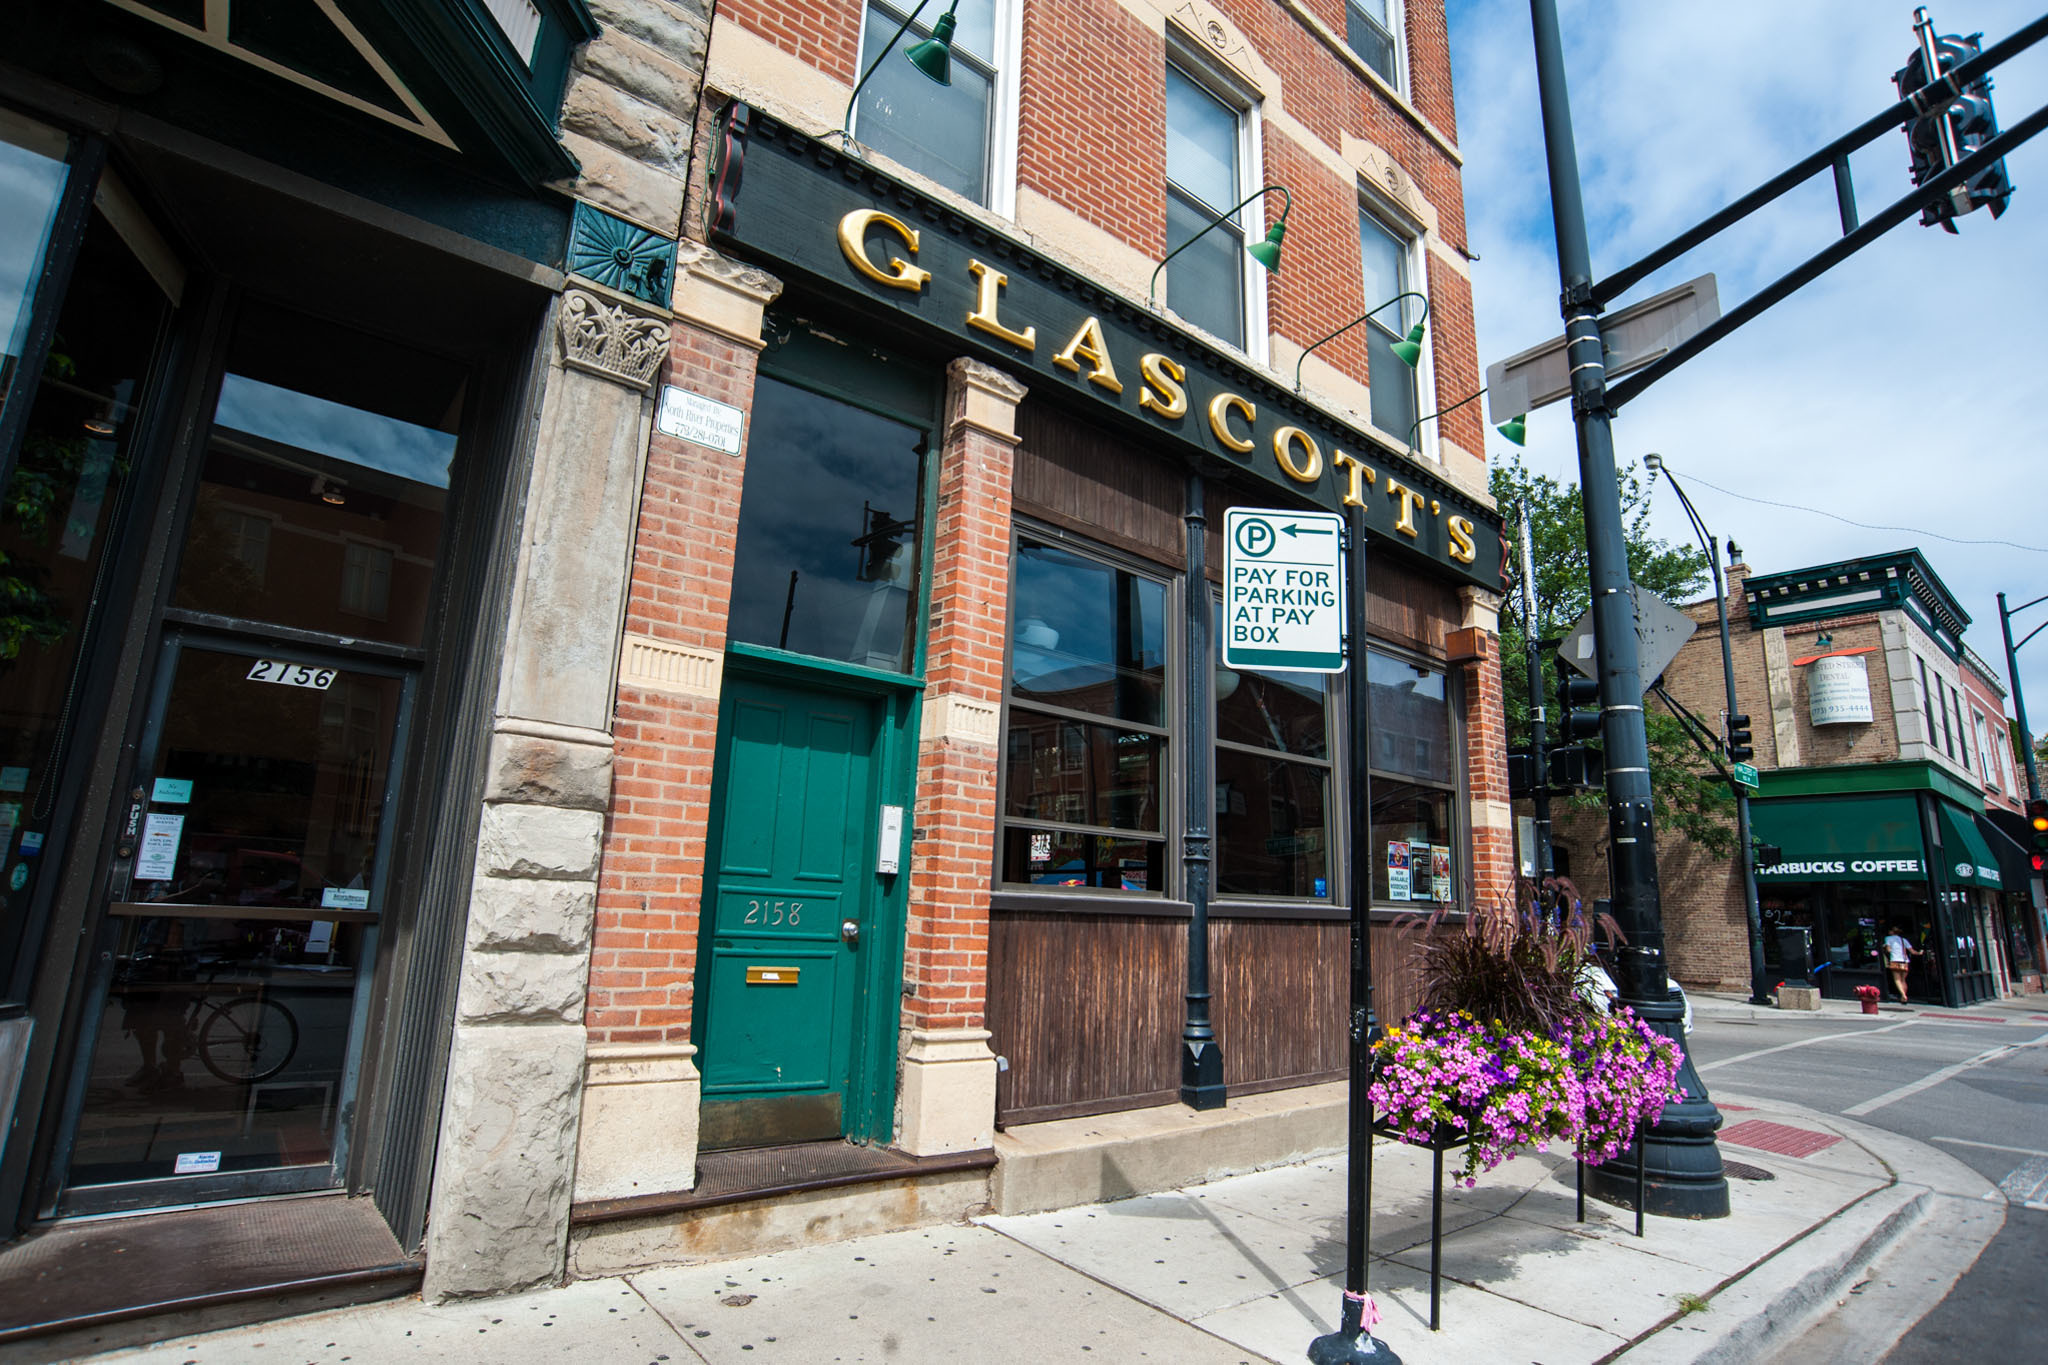 Glascott's